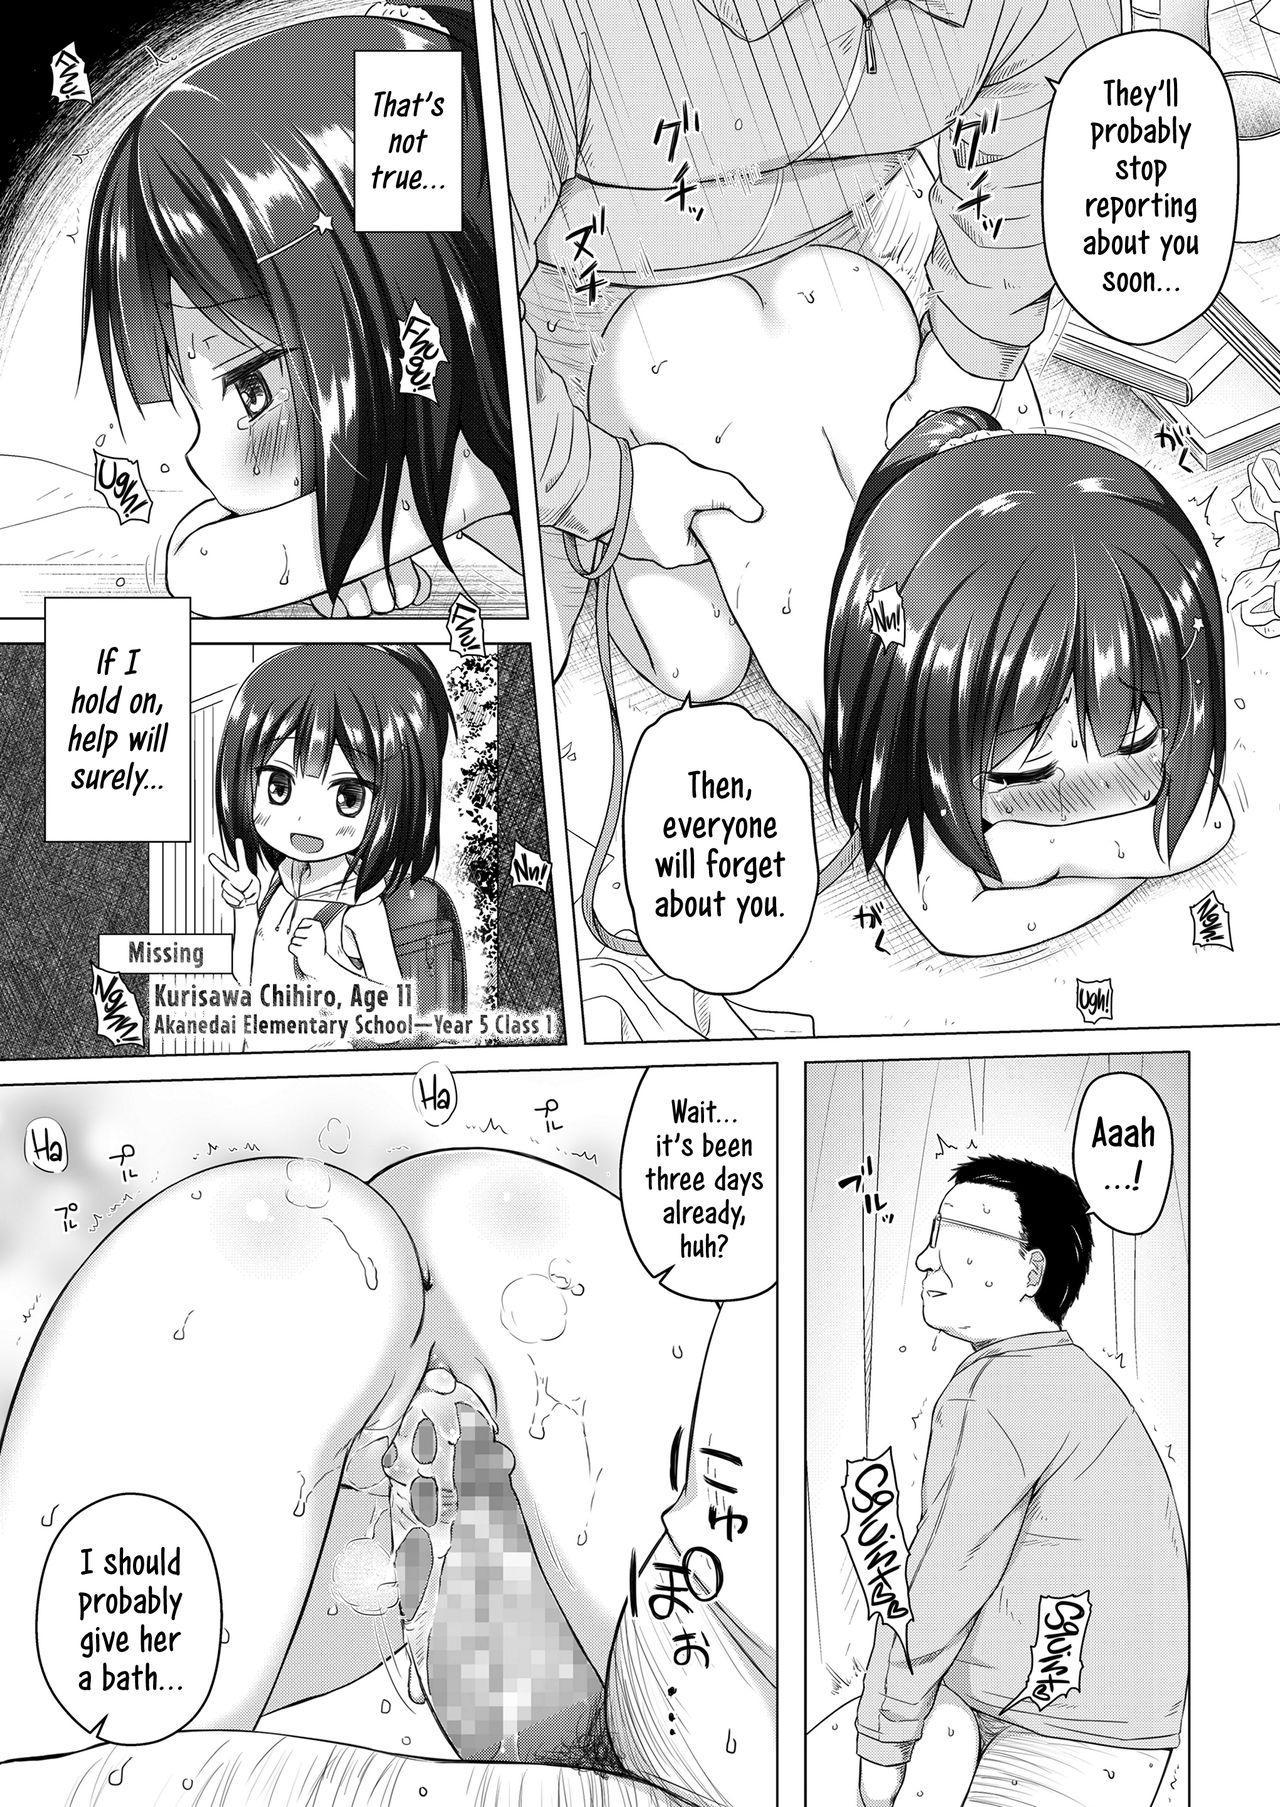 Yume no Shinseikatsu   Dream of a New Life 10